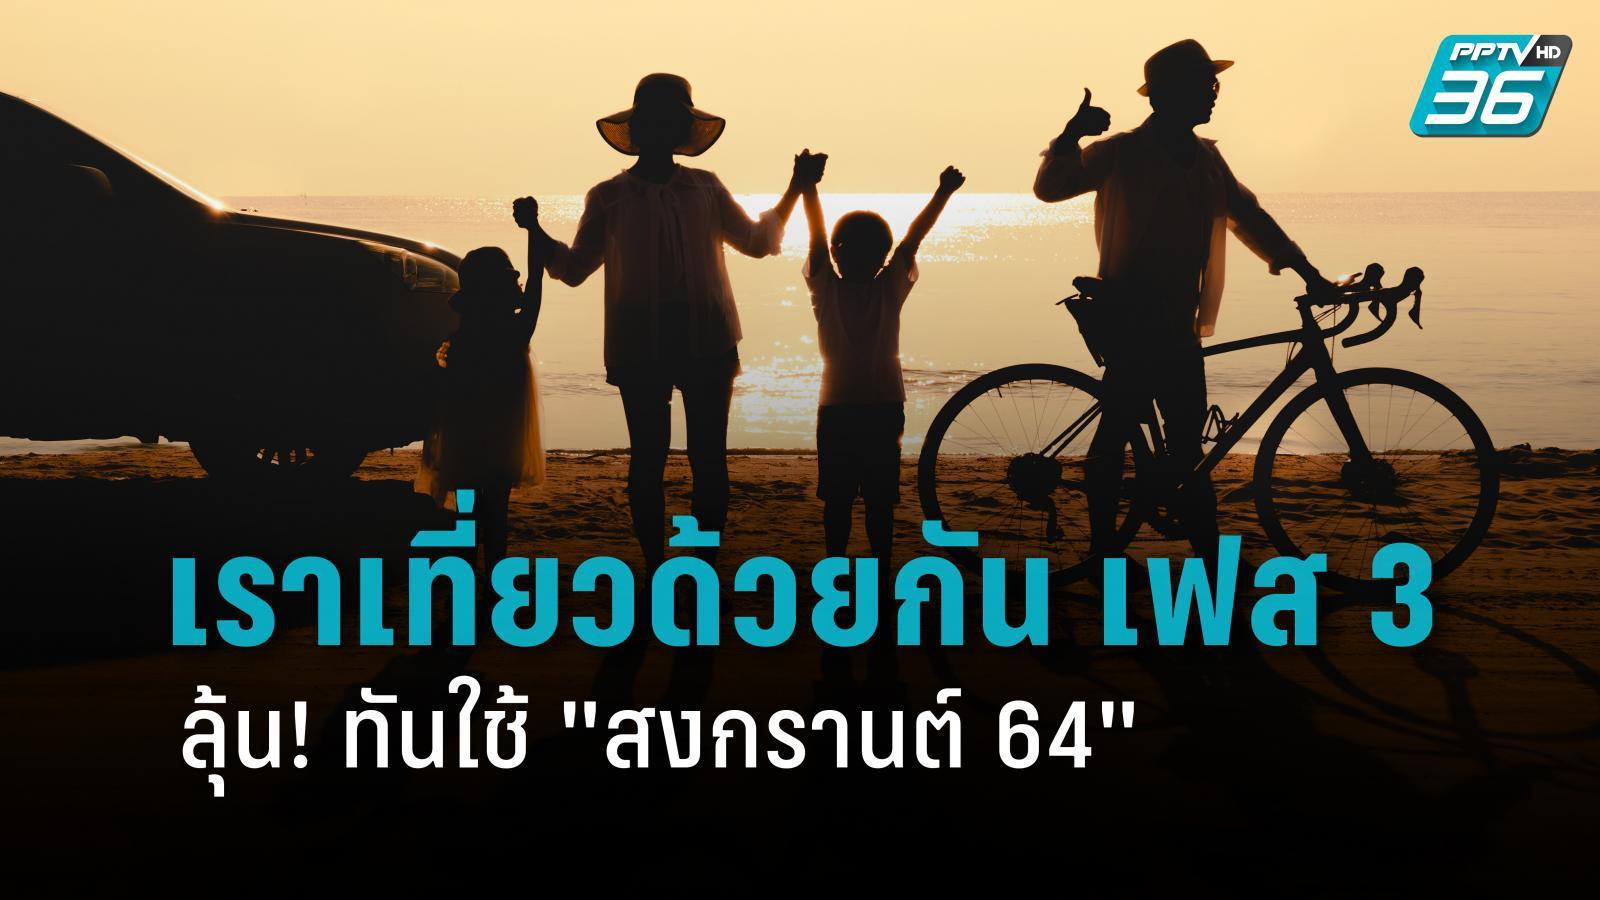 """เช็กวันหยุดยาว 6 วัน เที่ยว """"สงกรานต์ 2564"""" ลุ้นได้ใช้สิทธิ เราเที่ยวด้วยกัน เฟส 3 - ทัวร์เที่ยวไทย"""